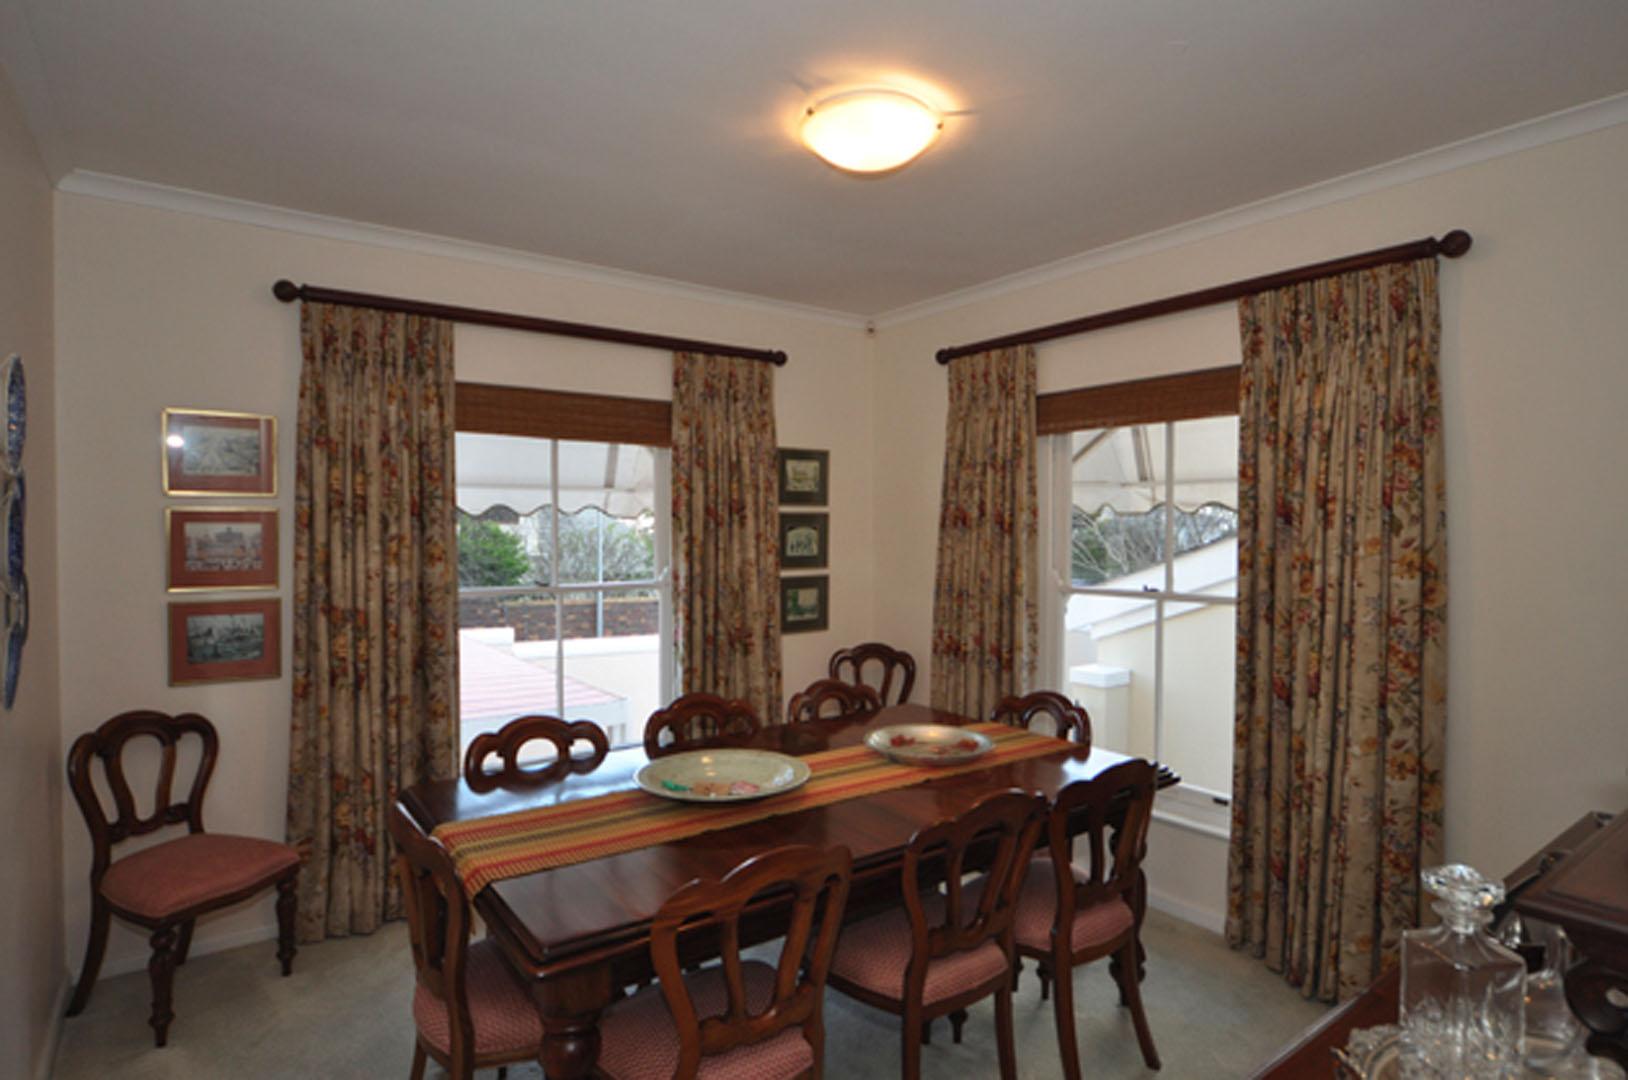 dining room DSC_0044